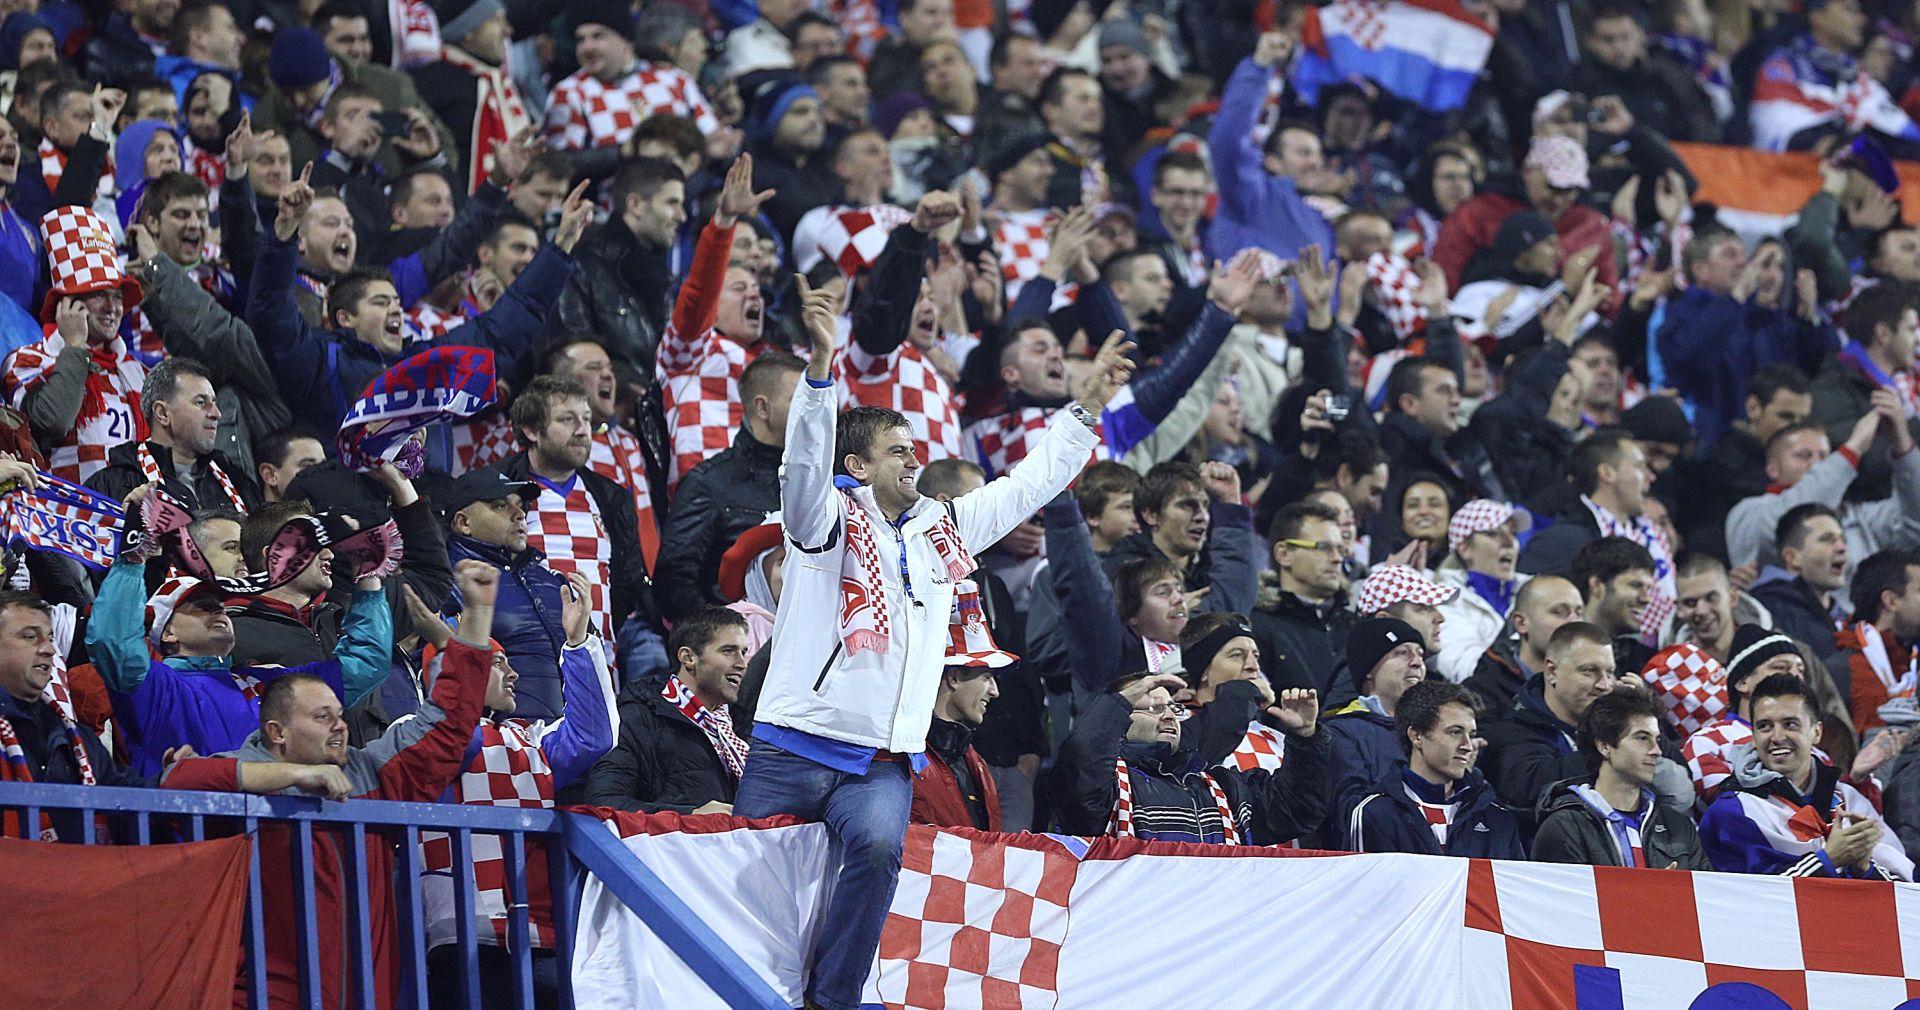 VEČERAS OD 20:45 Hrvatska protiv Ukrajine pred punim Maksimirom, policija pojačala mjere